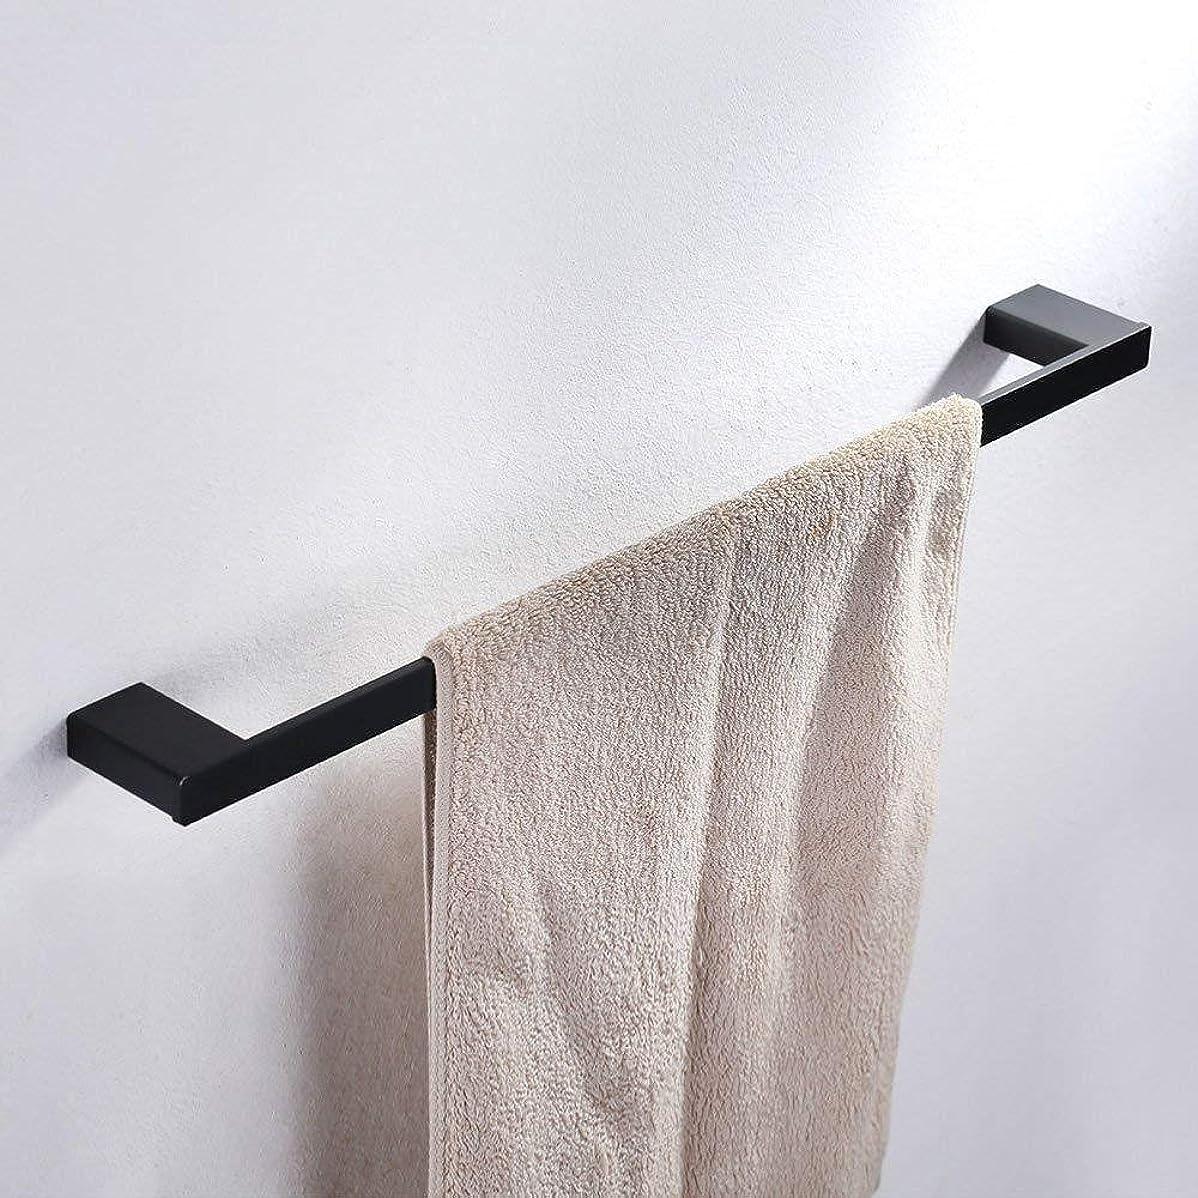 ヘビー変換接続タオル掛けバスルームタオル掛けタオル掛けバスタオルバー60cm黒